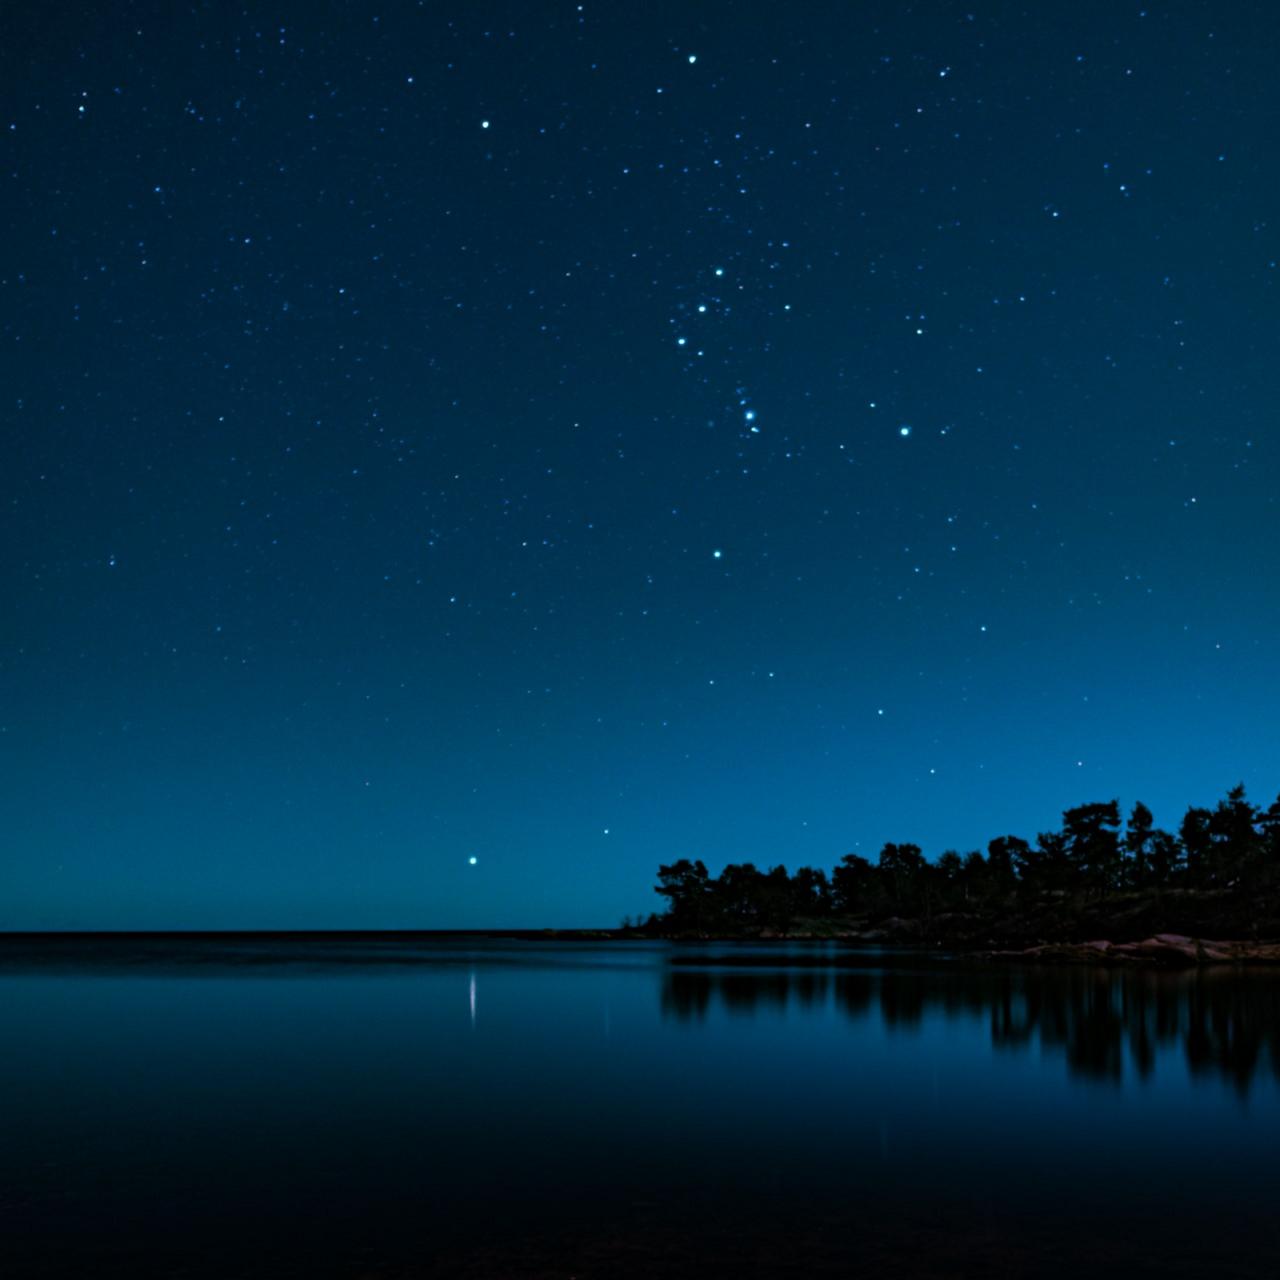 Fredrik Nilssons bild av stjärnhimlen över Ernamar i Oskarshamn.